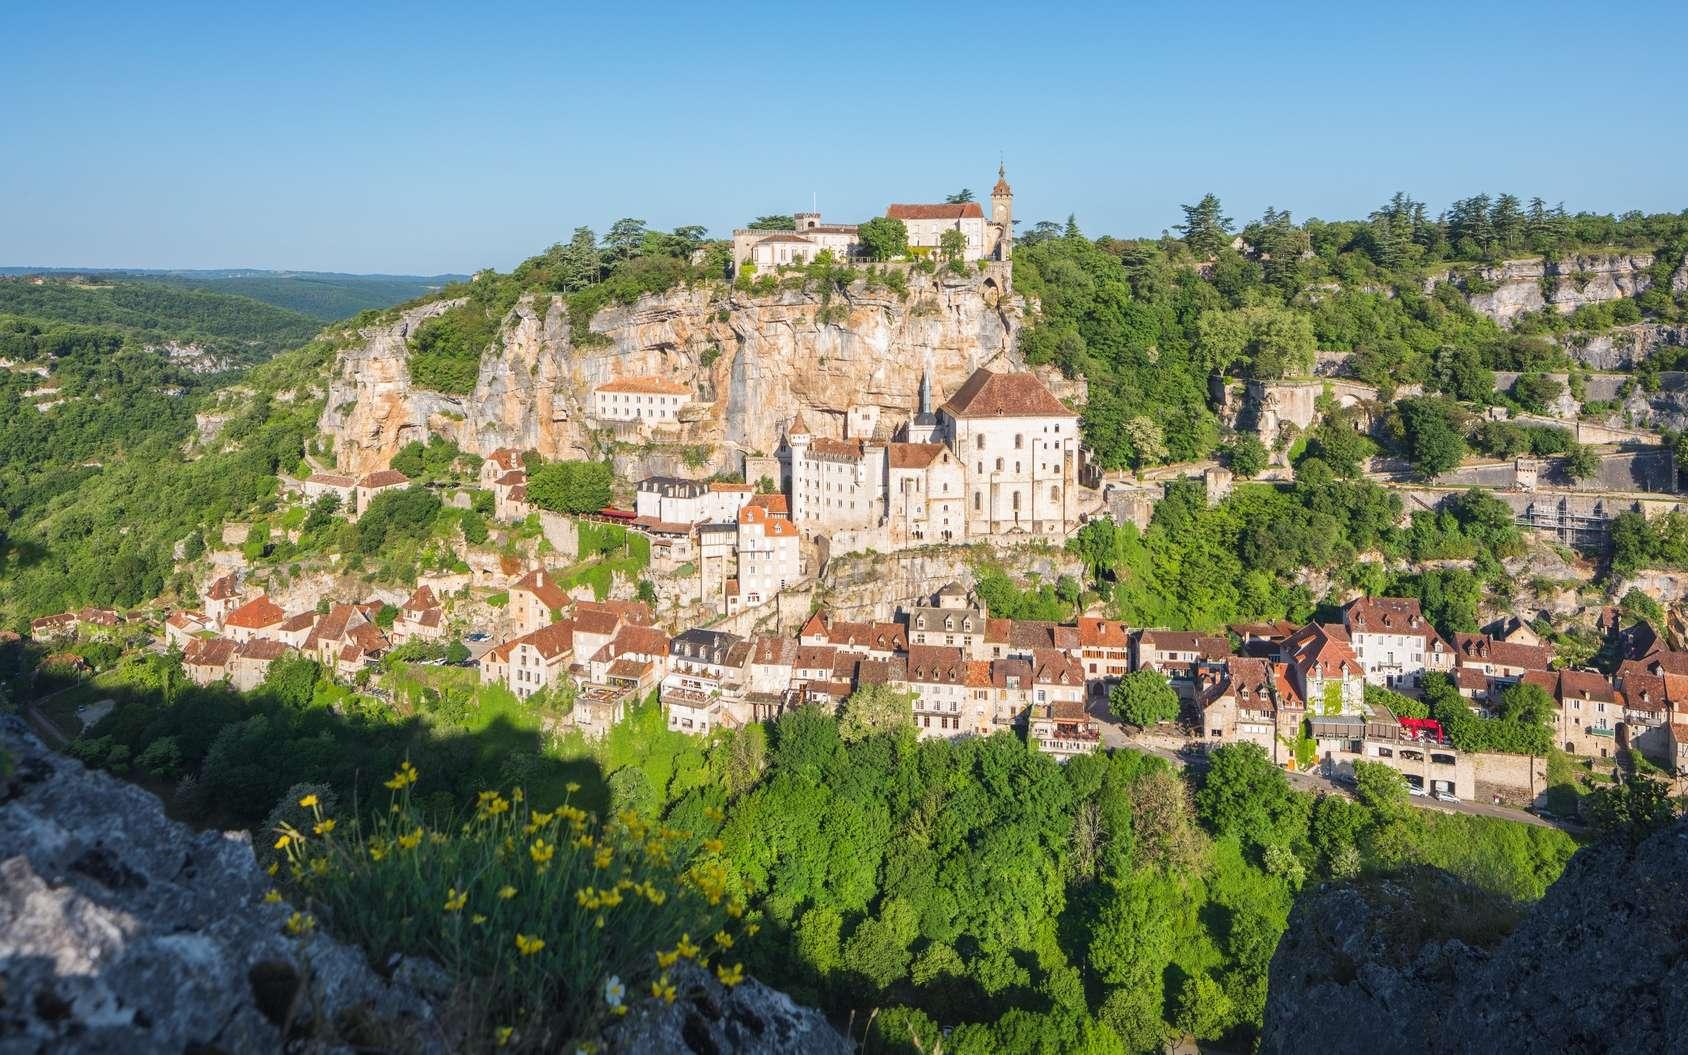 Parmi les nombreuses grottes et cavernes du village de Rocamadour, seule la grotte des Merveilles se visite. Concrétions, gourds, peintures rupestres, voici le spectacle qui attend les visiteurs. © Beboy, Fotolia